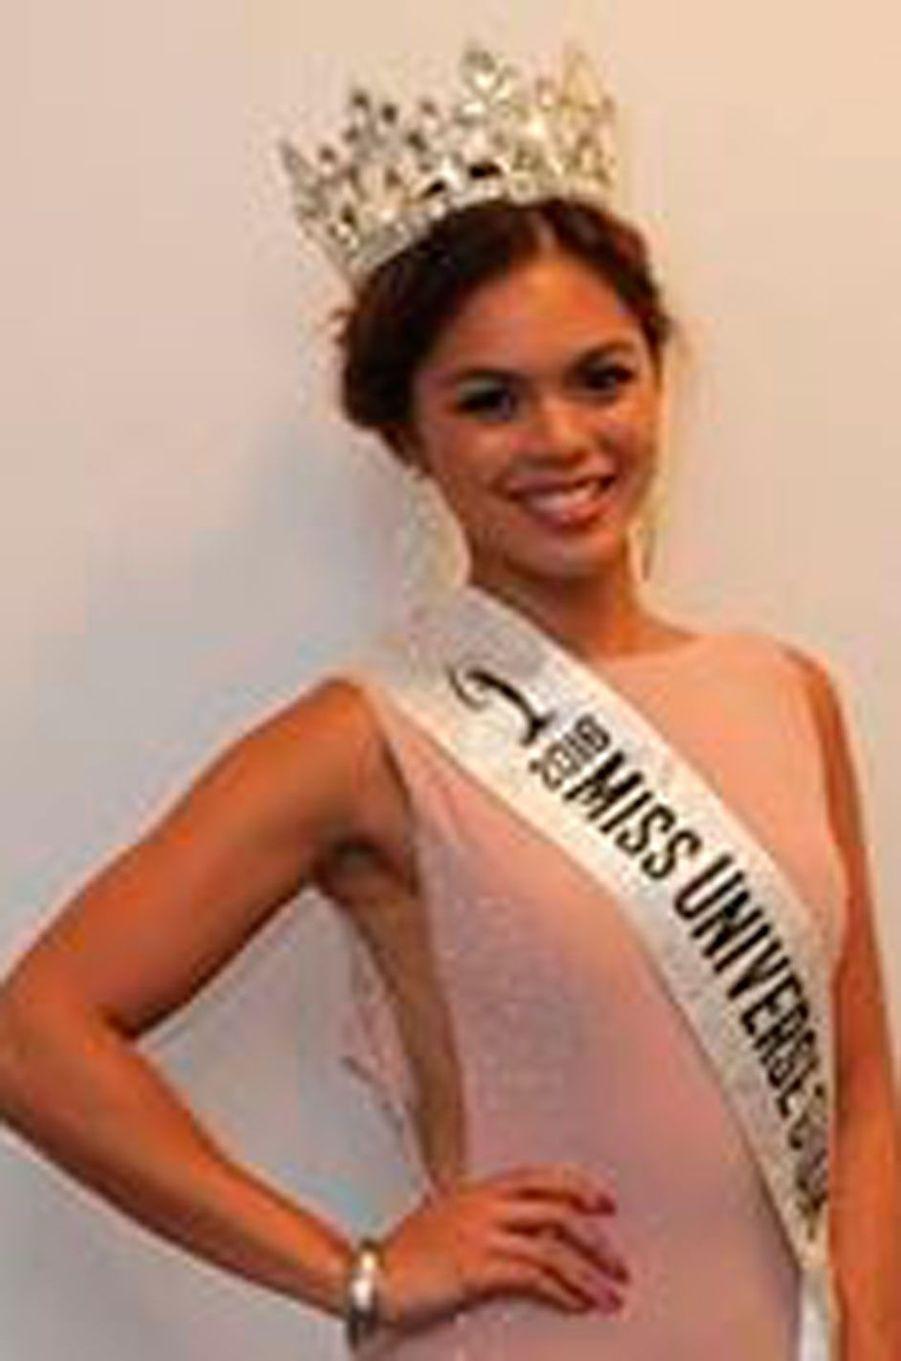 Muneka Taisipic, Miss Guam